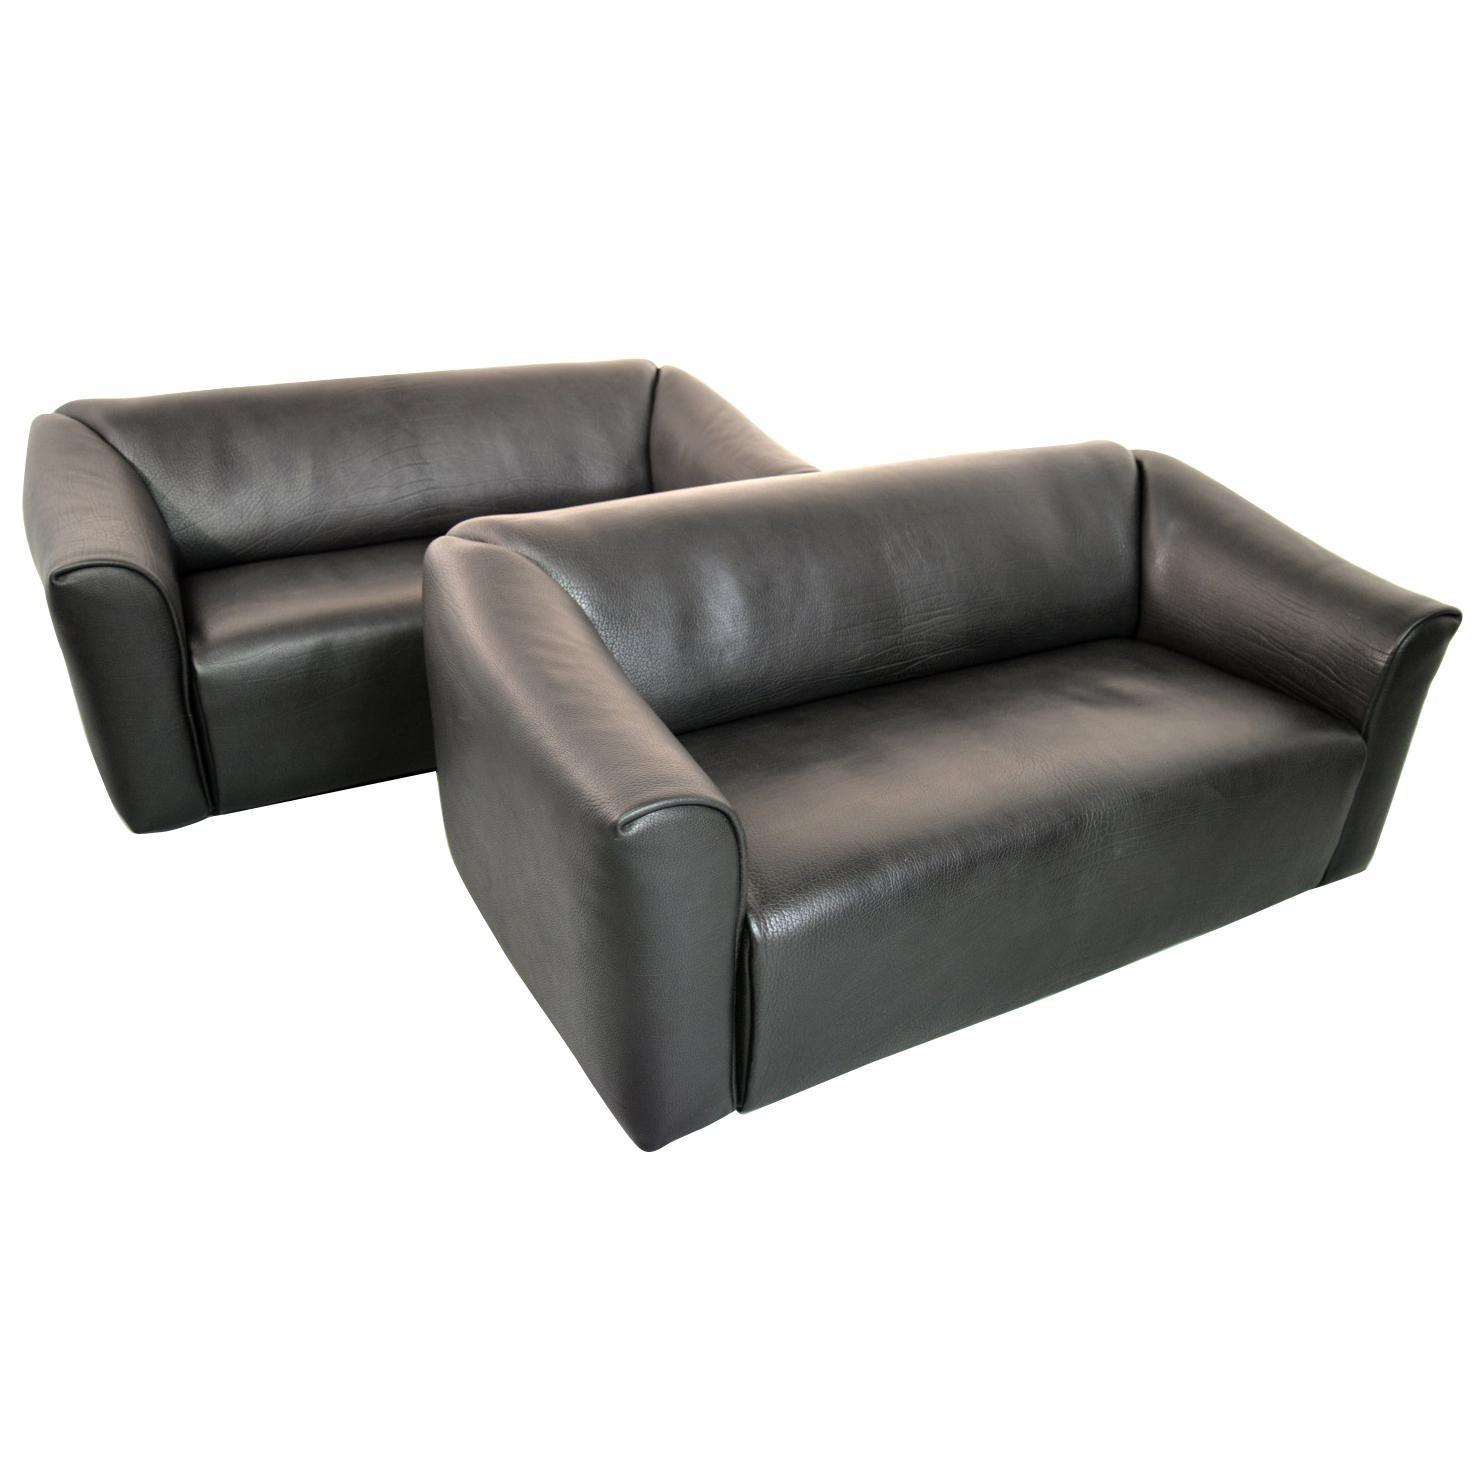 De Sede DS 47 Original Neck Leather Designer Sofas, Switzerland